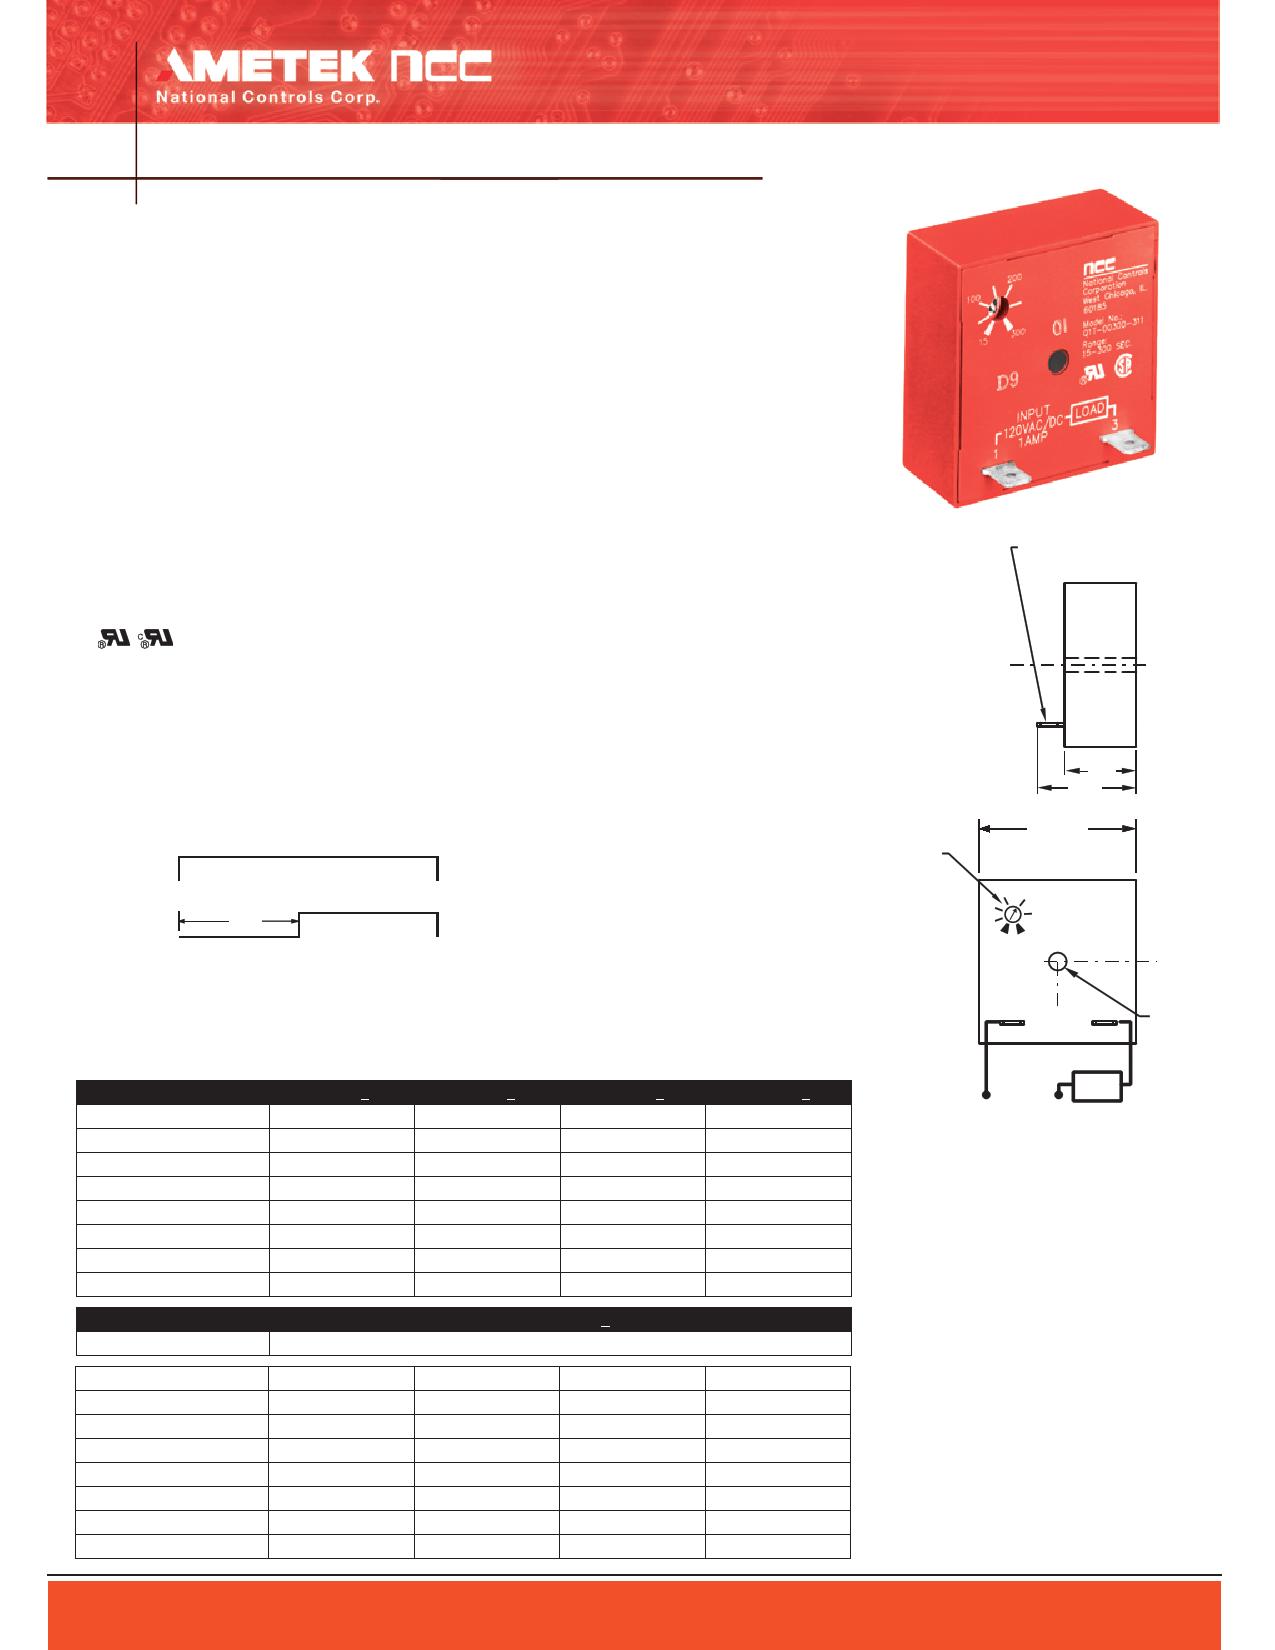 Q1T-00001-317 datasheet